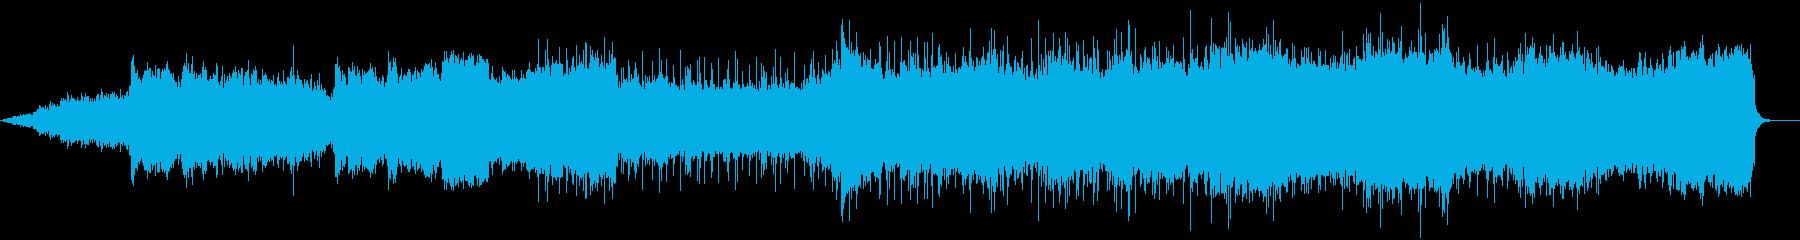 コーラスとギターを使ったBGMの再生済みの波形